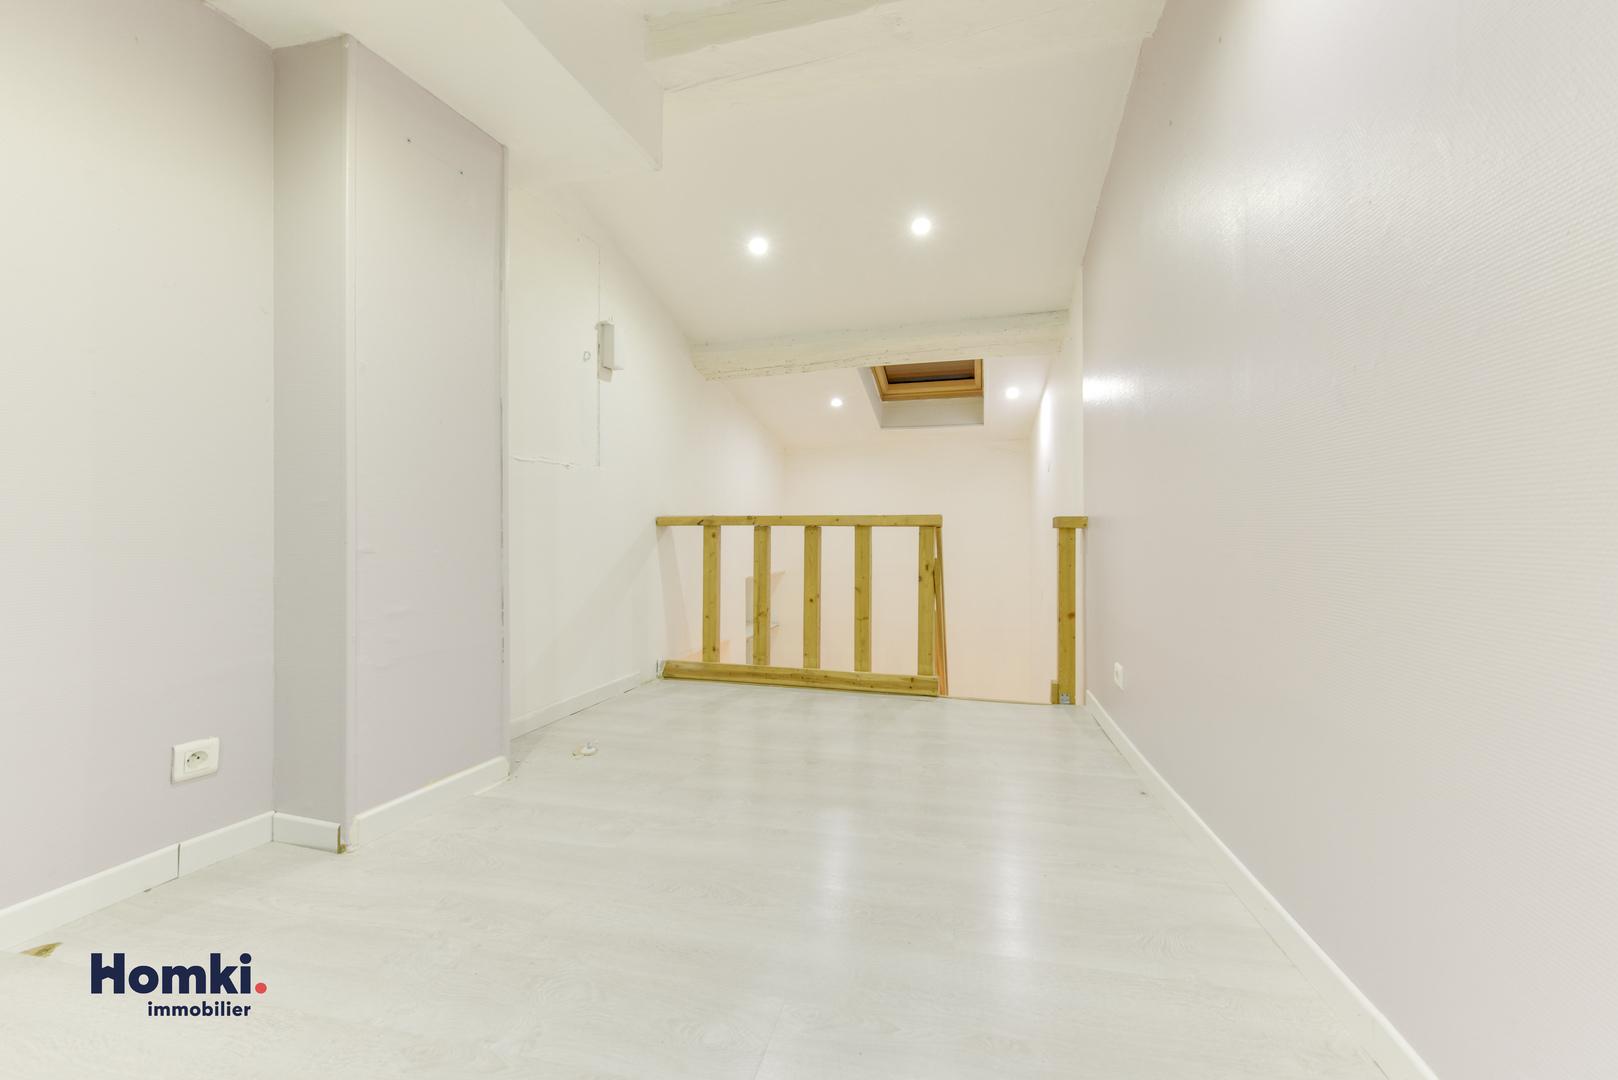 Maison I 113 m² I T4 I 38670 | photo 8